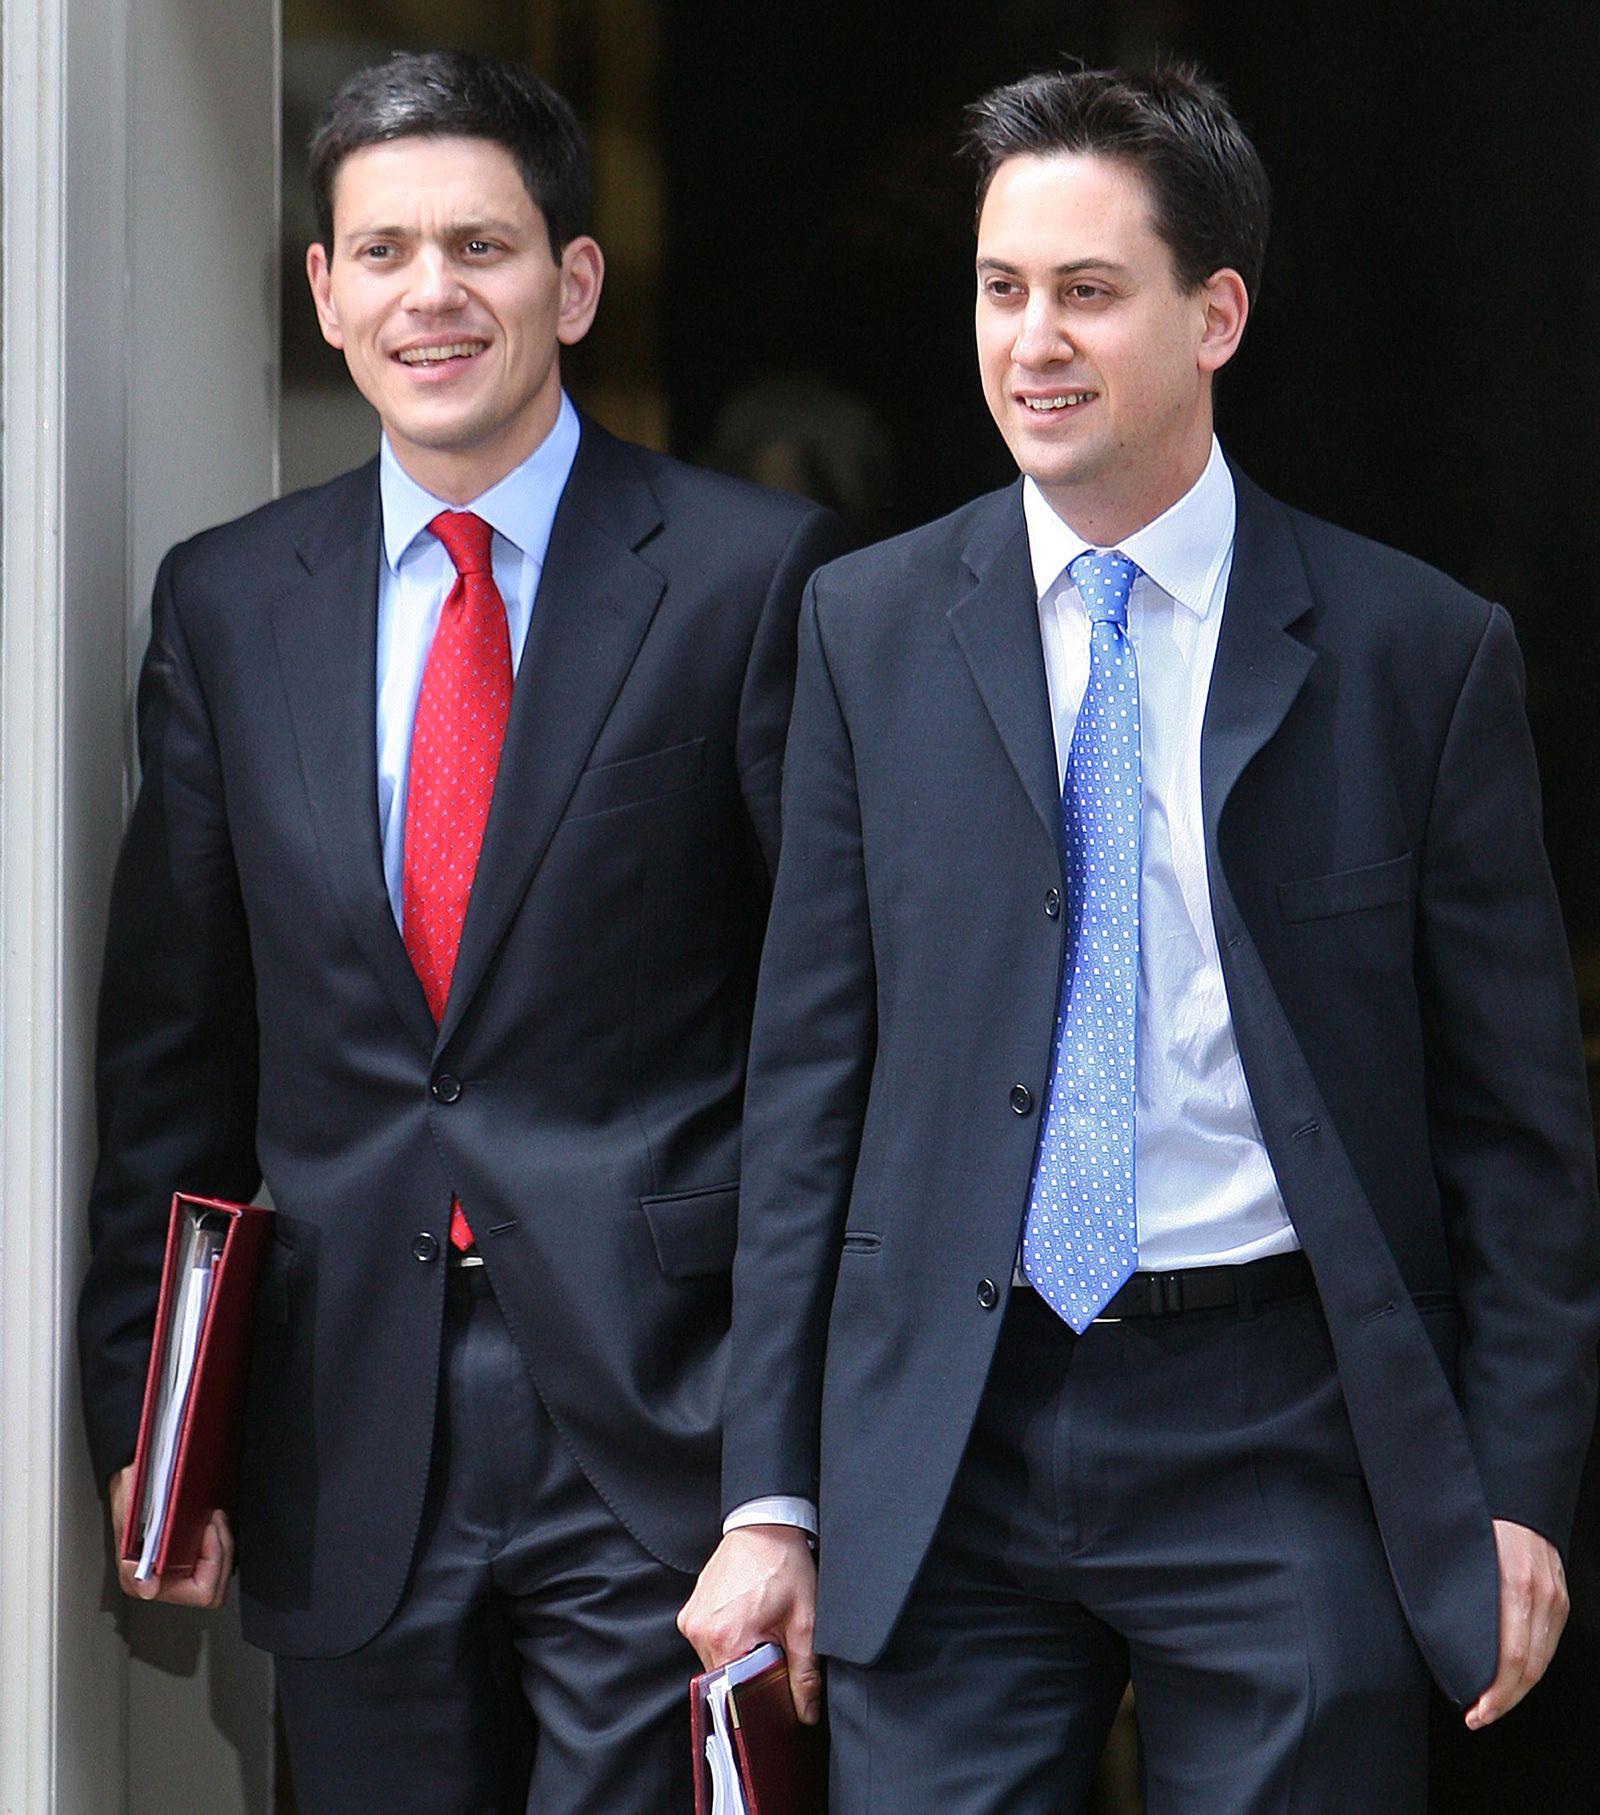 David Miliband / Ed Miliband